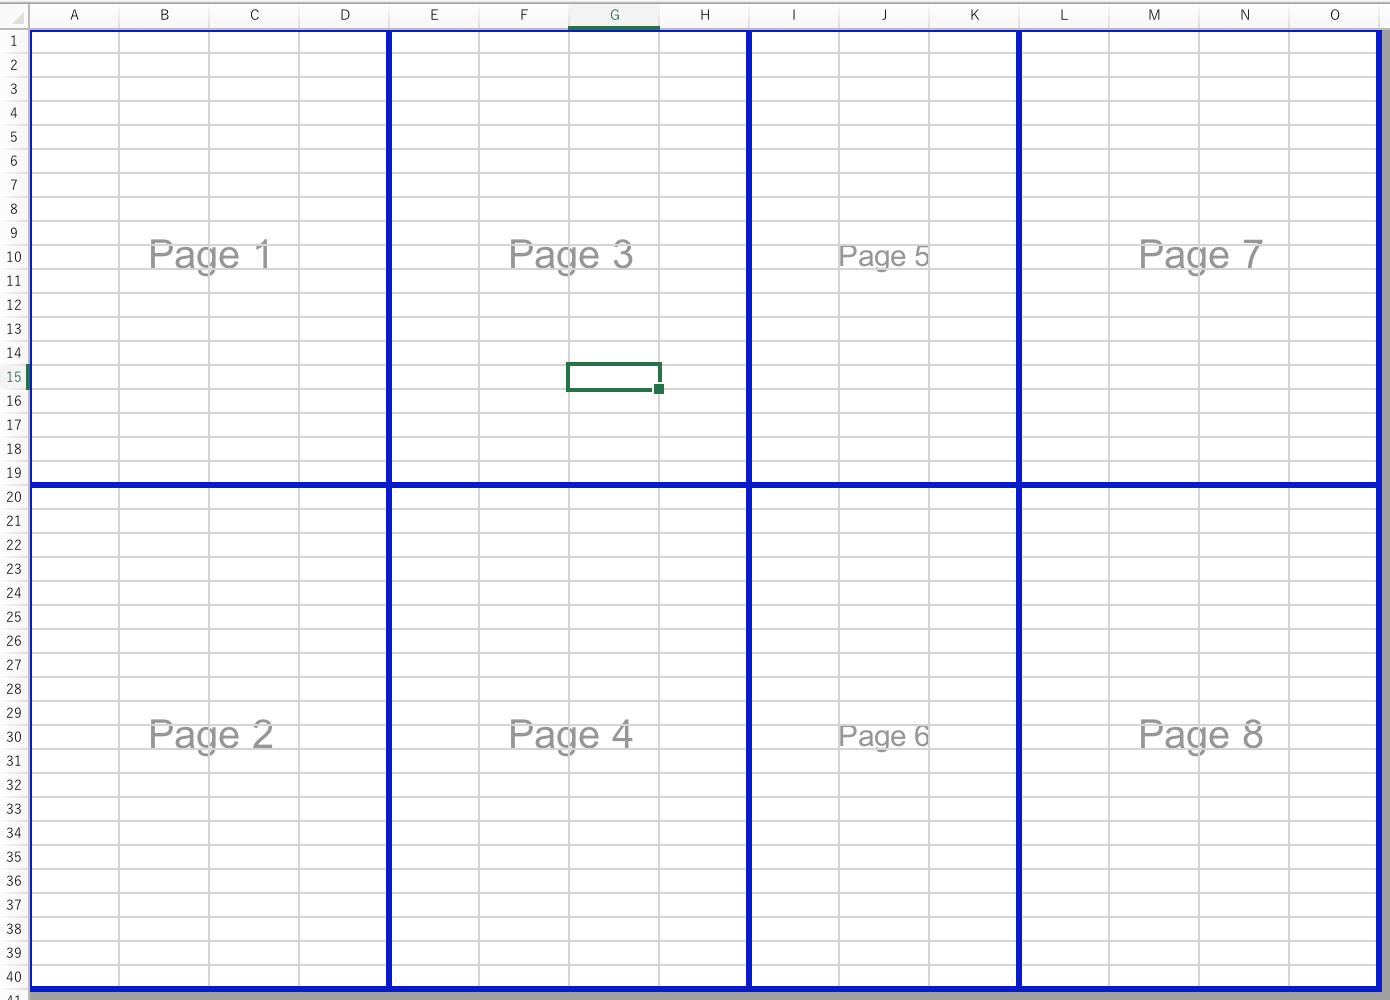 معاينه يظهر الصفحات 8 فاصل الصفحات